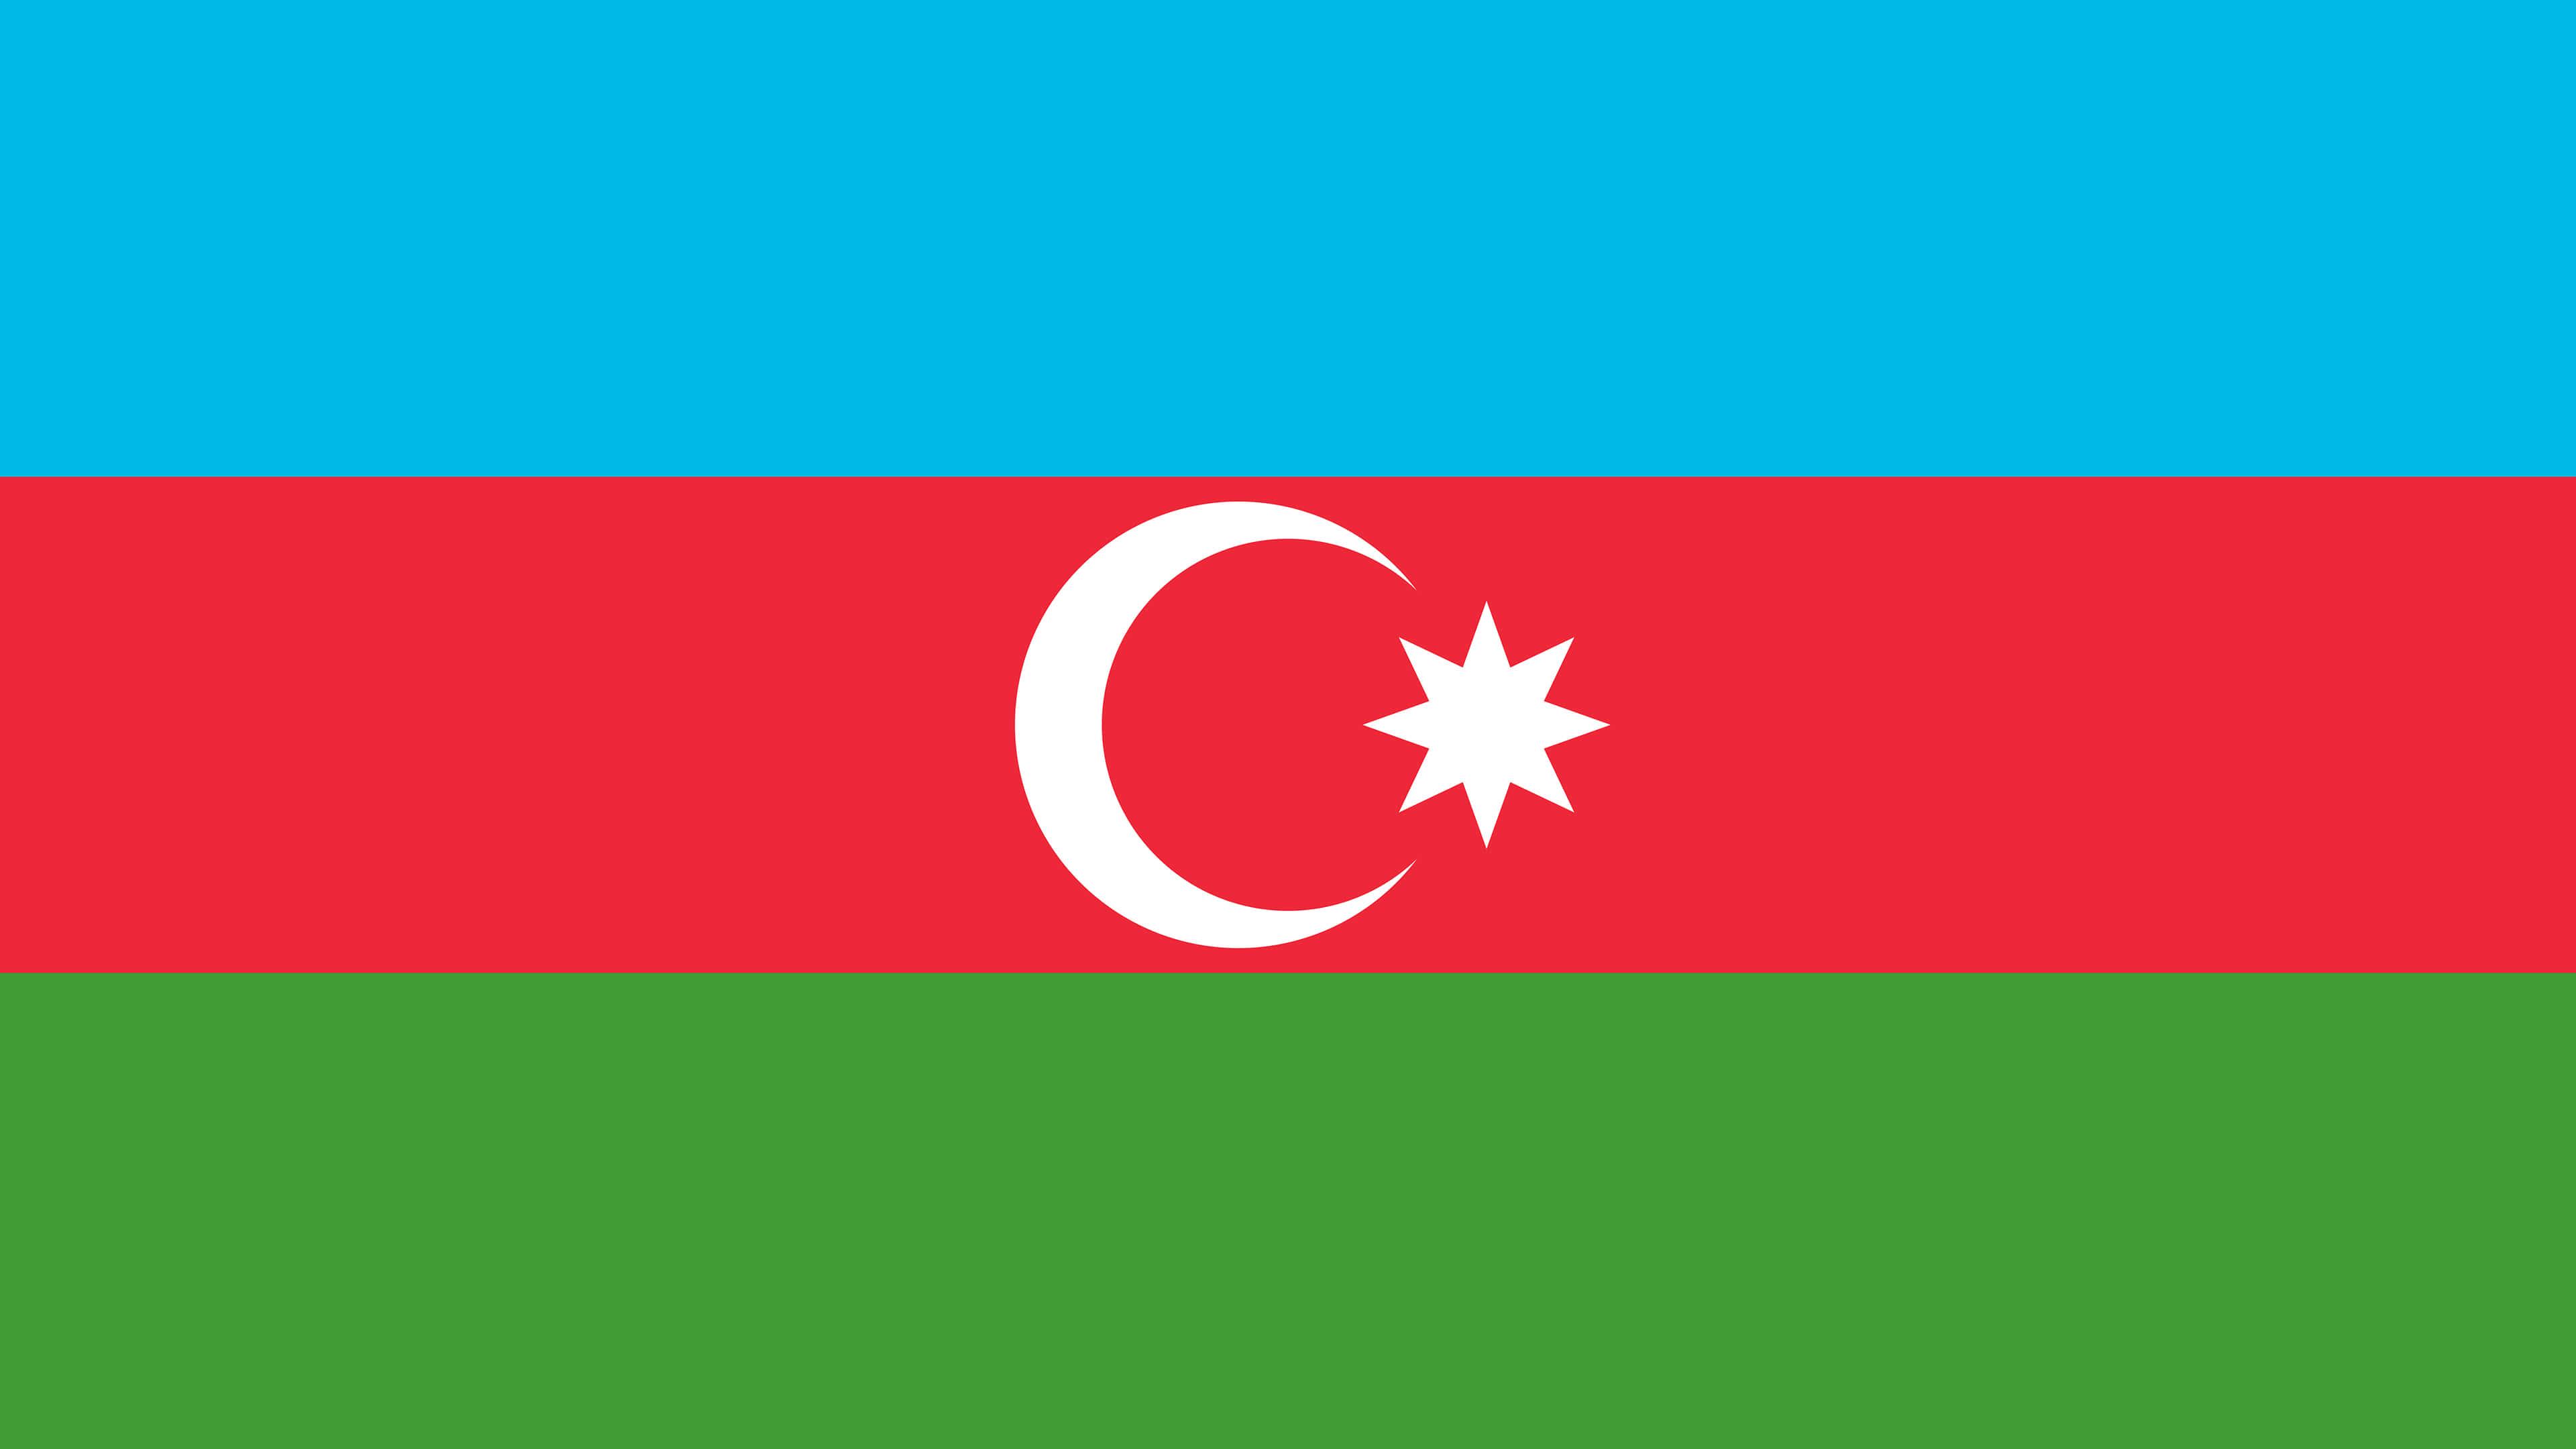 Azerbaijan Flag UHD 4K Wallpaper Pixelz 3840x2160